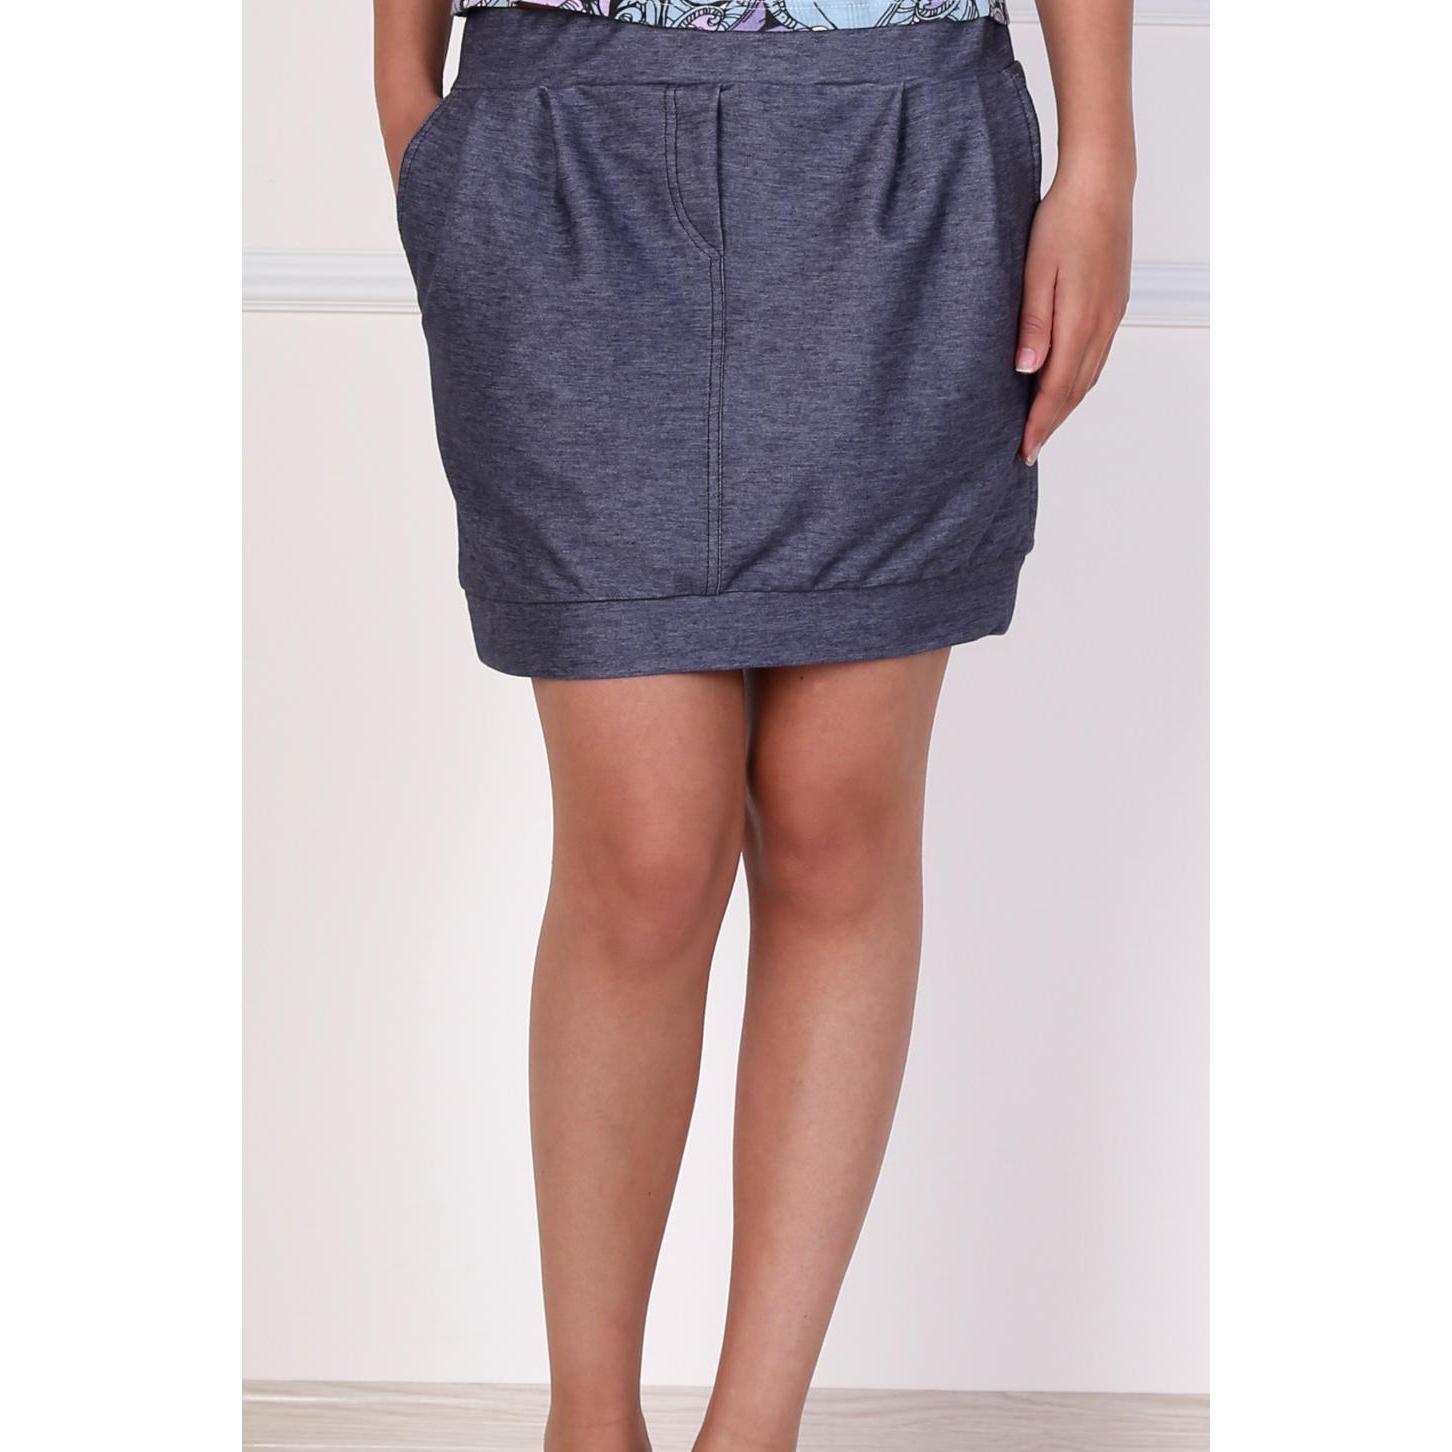 Женская юбка Зара Синий, размер 44Шорты и бриджи<br>Обхват талии: 68 см <br>Обхват бедер: 96 см <br>Рост: 167 см<br><br>Тип: Жен. юбка<br>Размер: 44<br>Материал: Футер